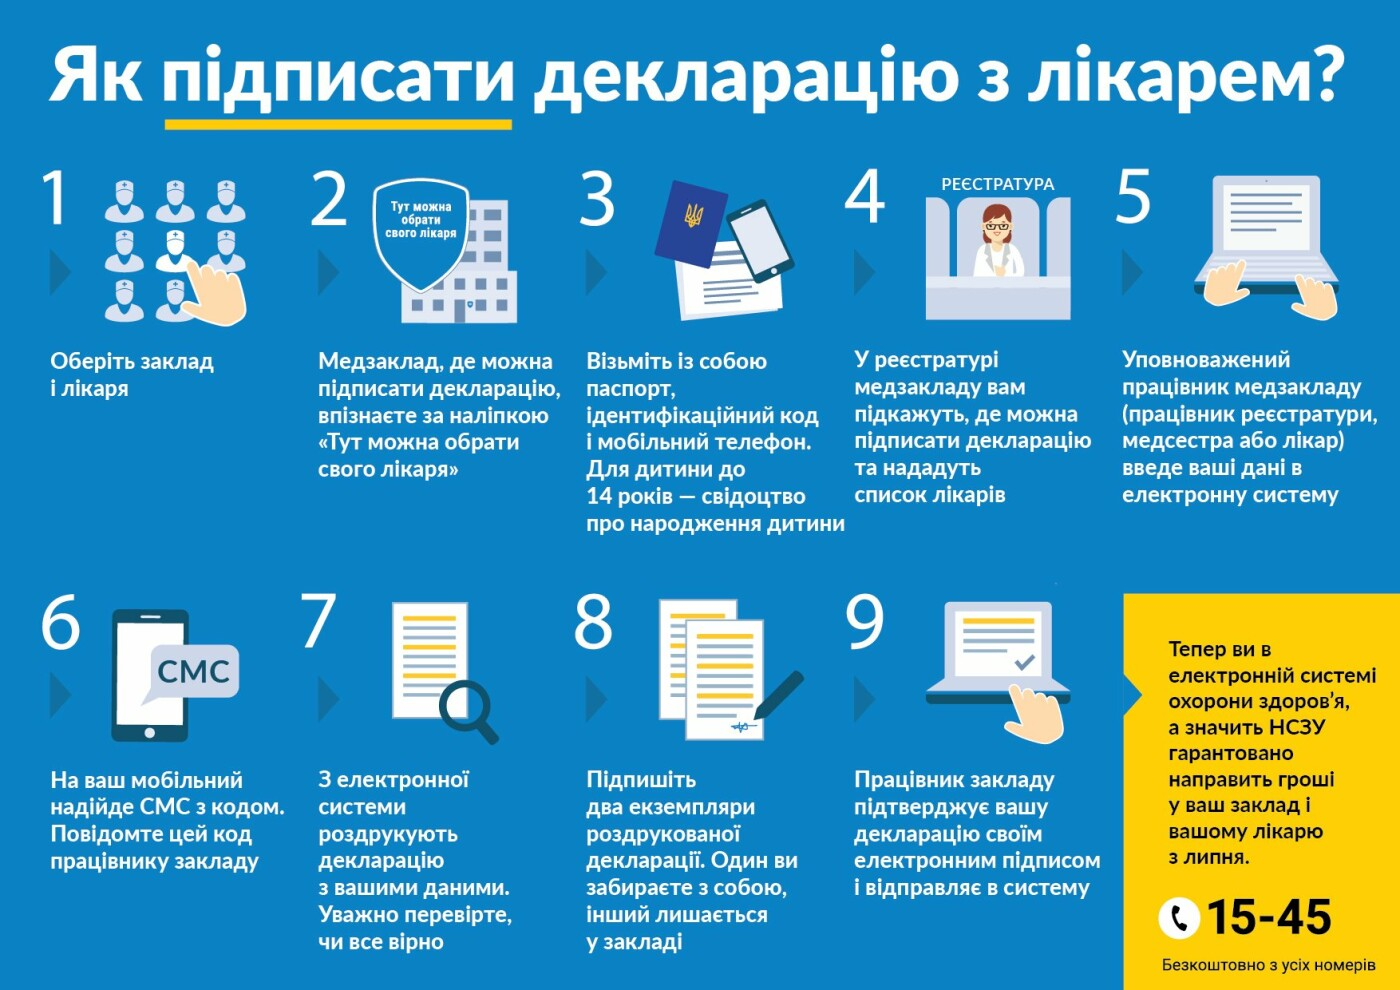 Майже 5 тисяч жителів уже підписали декларації із сімейними лікарями Тернопільщини, фото-1